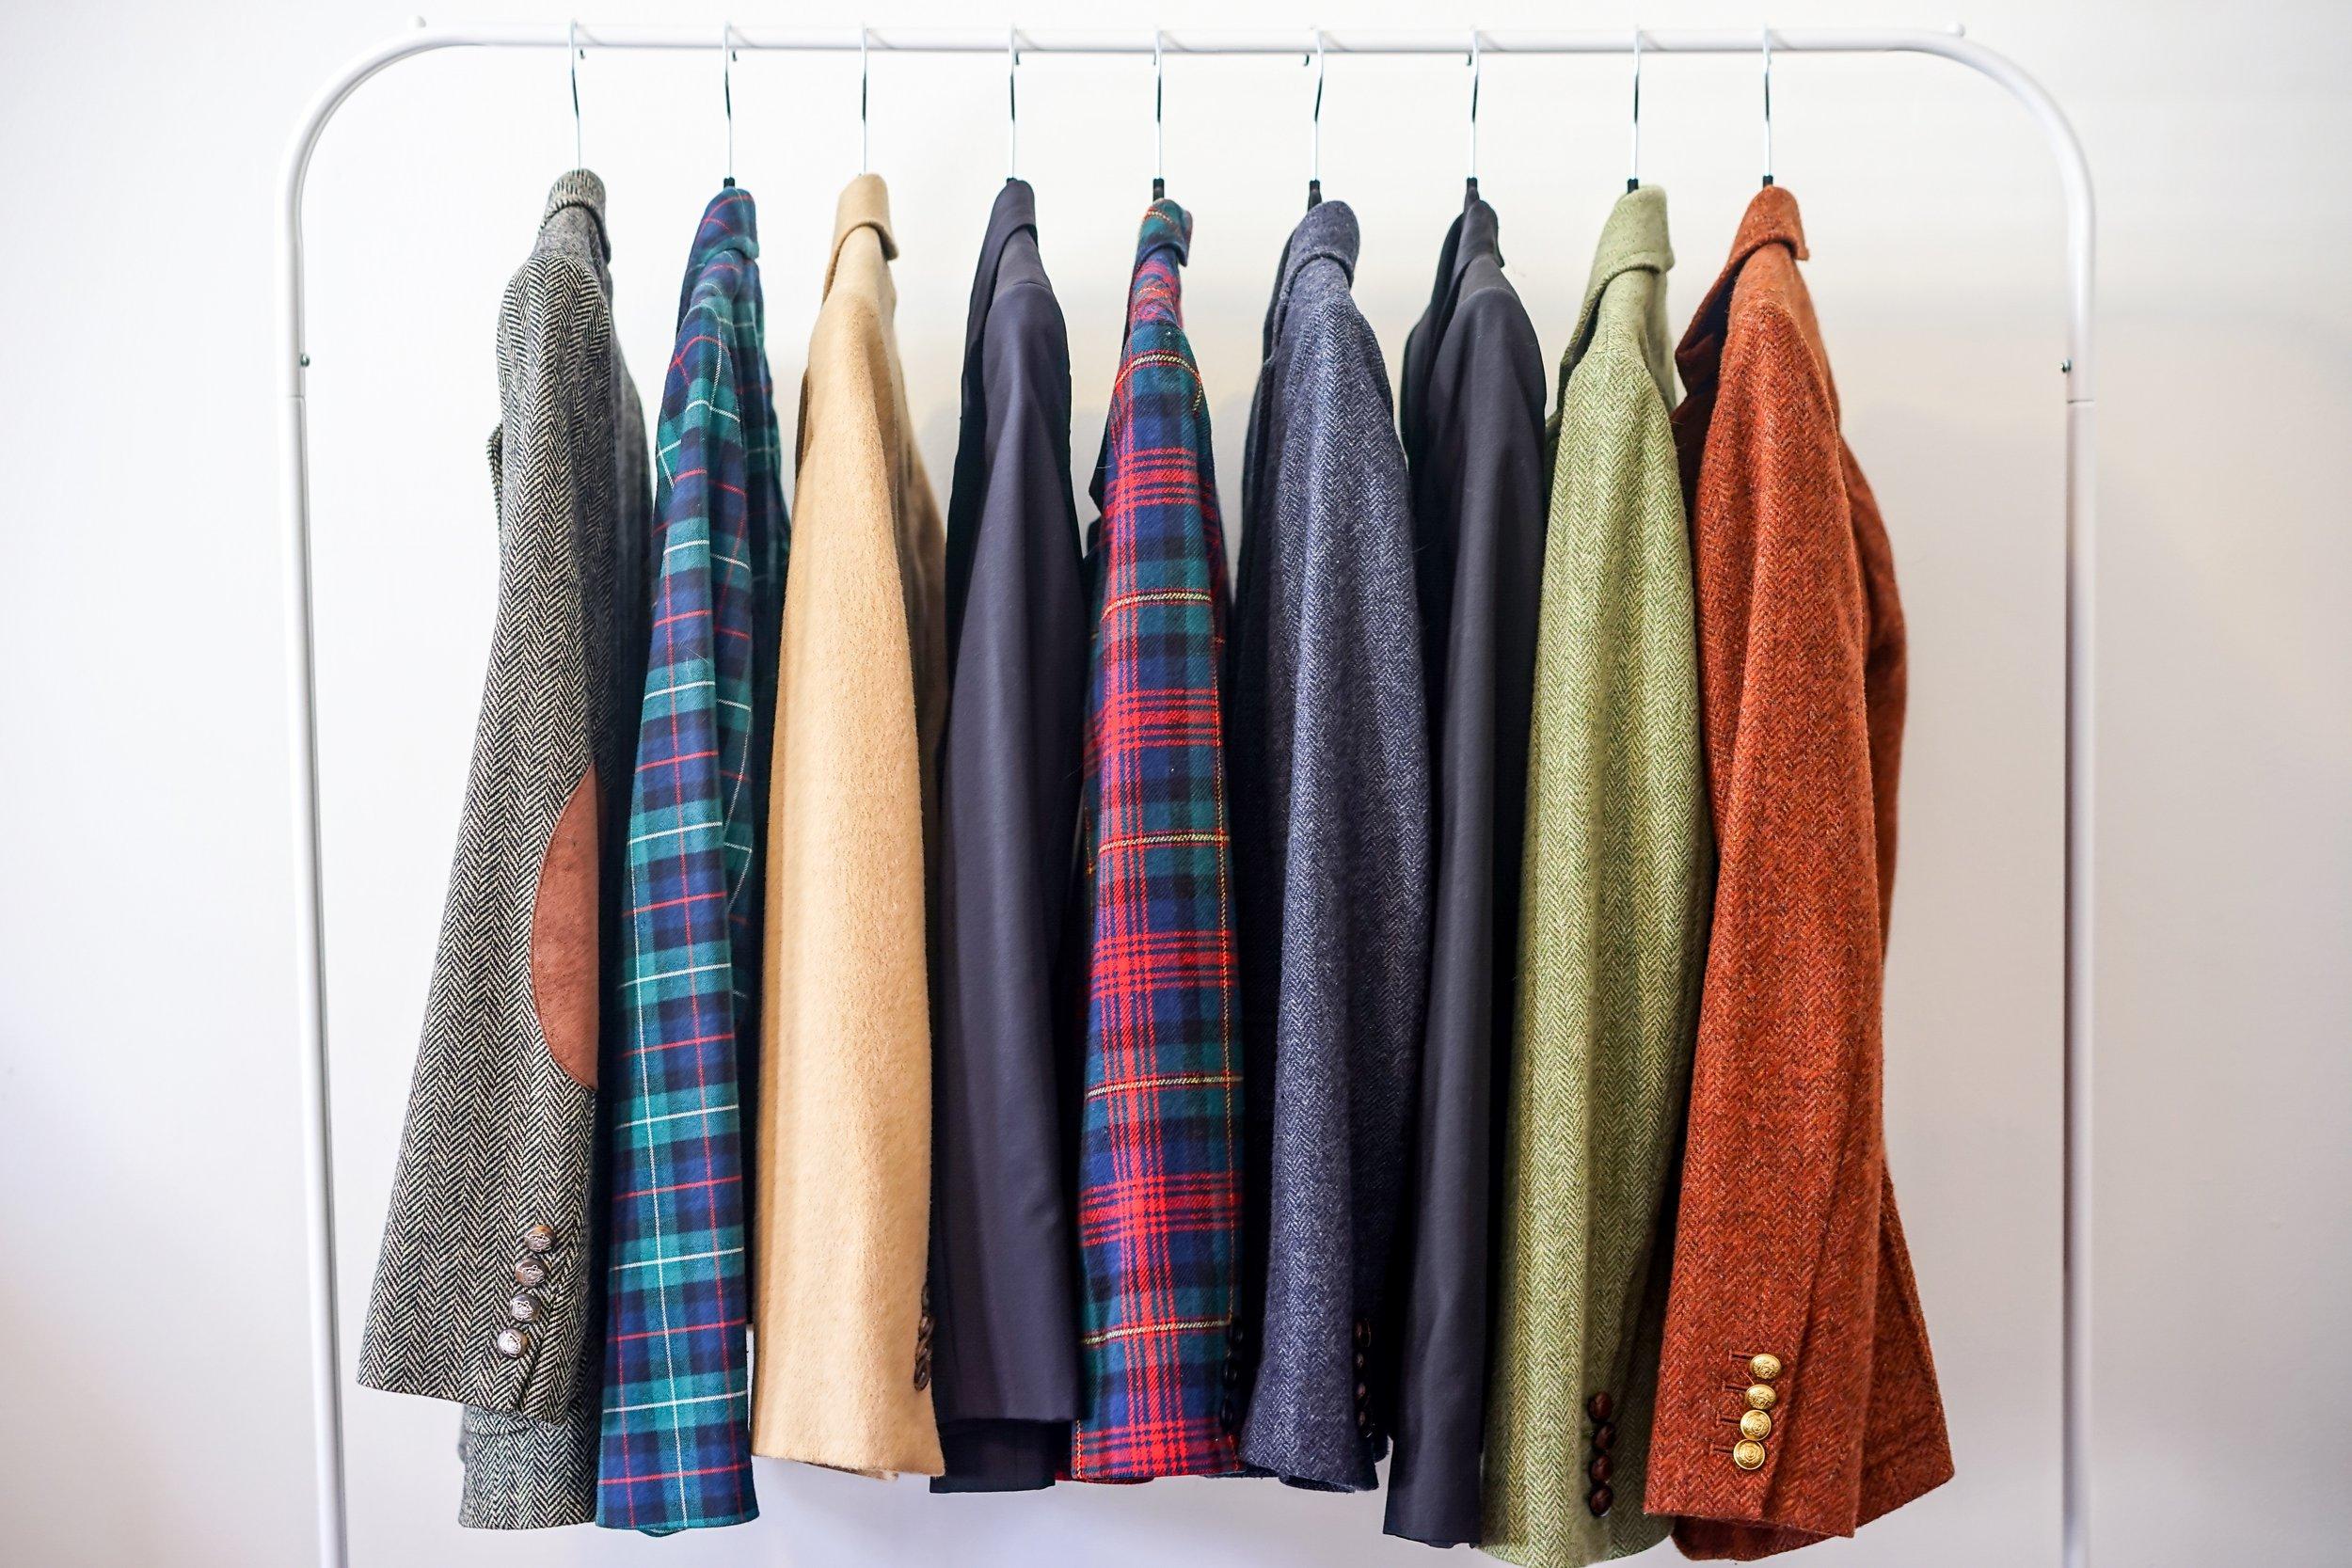 blazers_jcrew_blazer_herringbone_blazer_Tweed_blazer_Brooks_brothers_blazer_camel_blazer_camel_coat.JPG